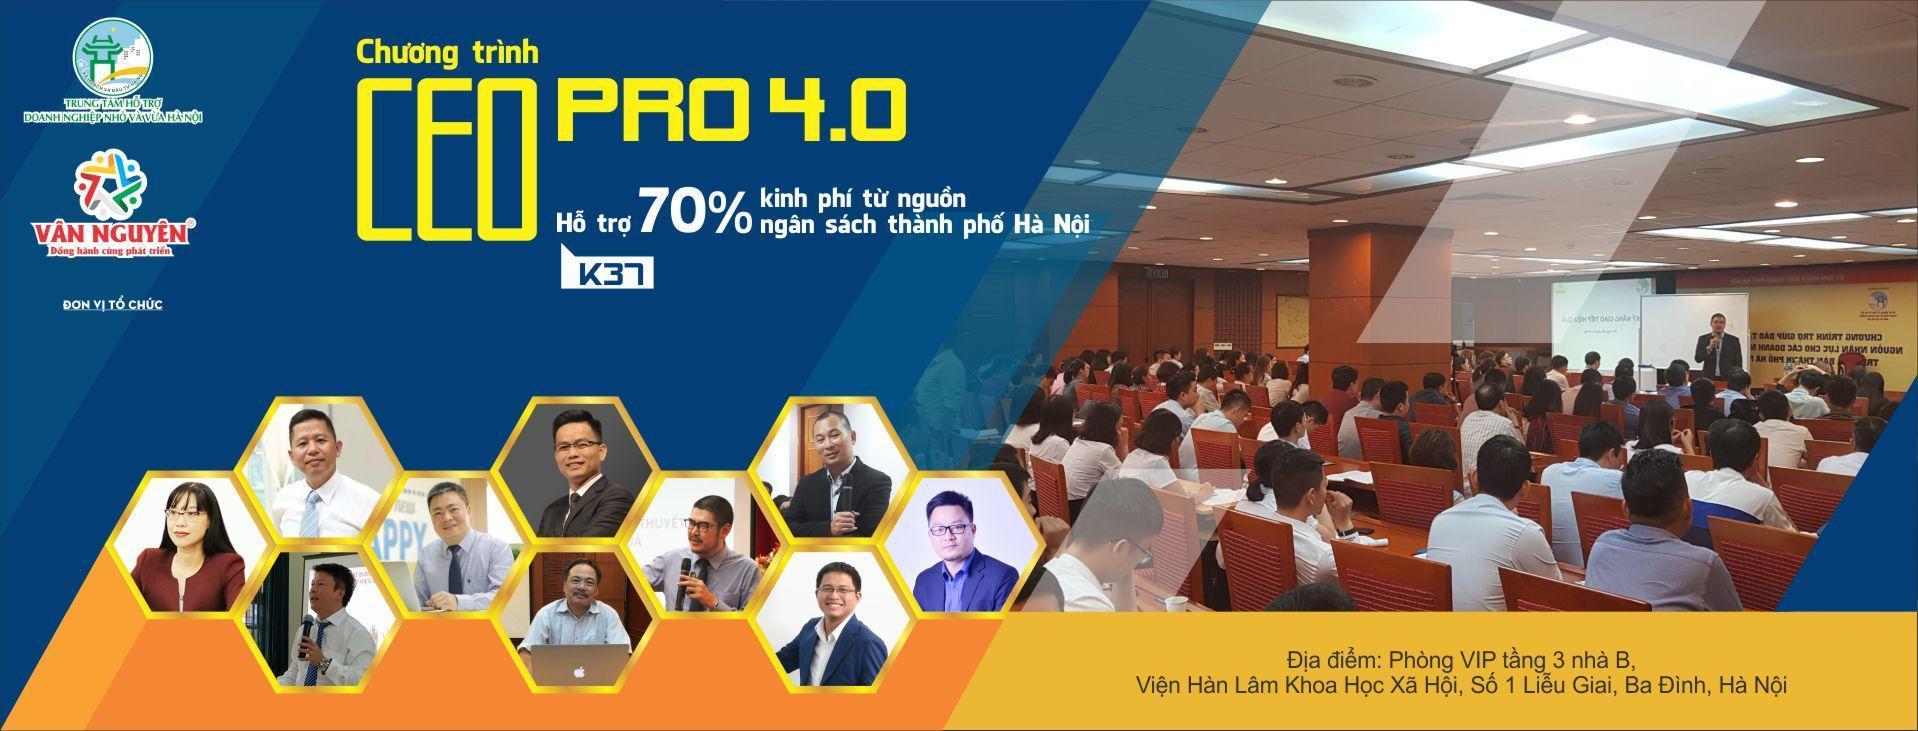 CEO PRO 4.0 (K37) – Chiến lược tái cơ cấu của doanh nghiệp sau khủng hoảng